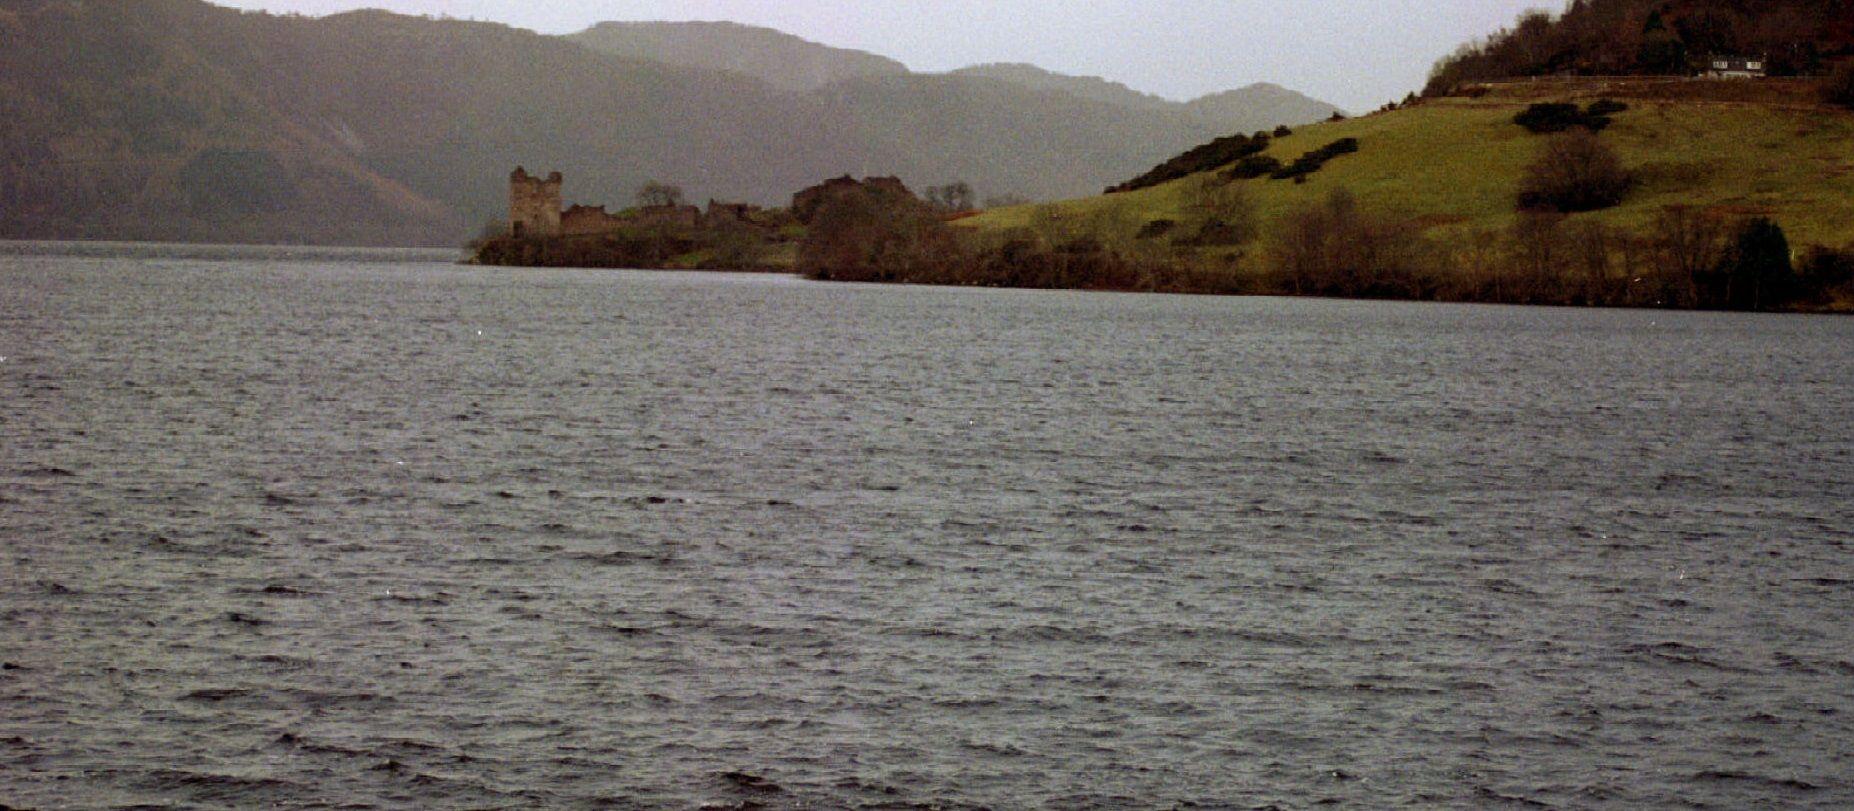 Le lac où se trouverait le monstre du Loch Ness